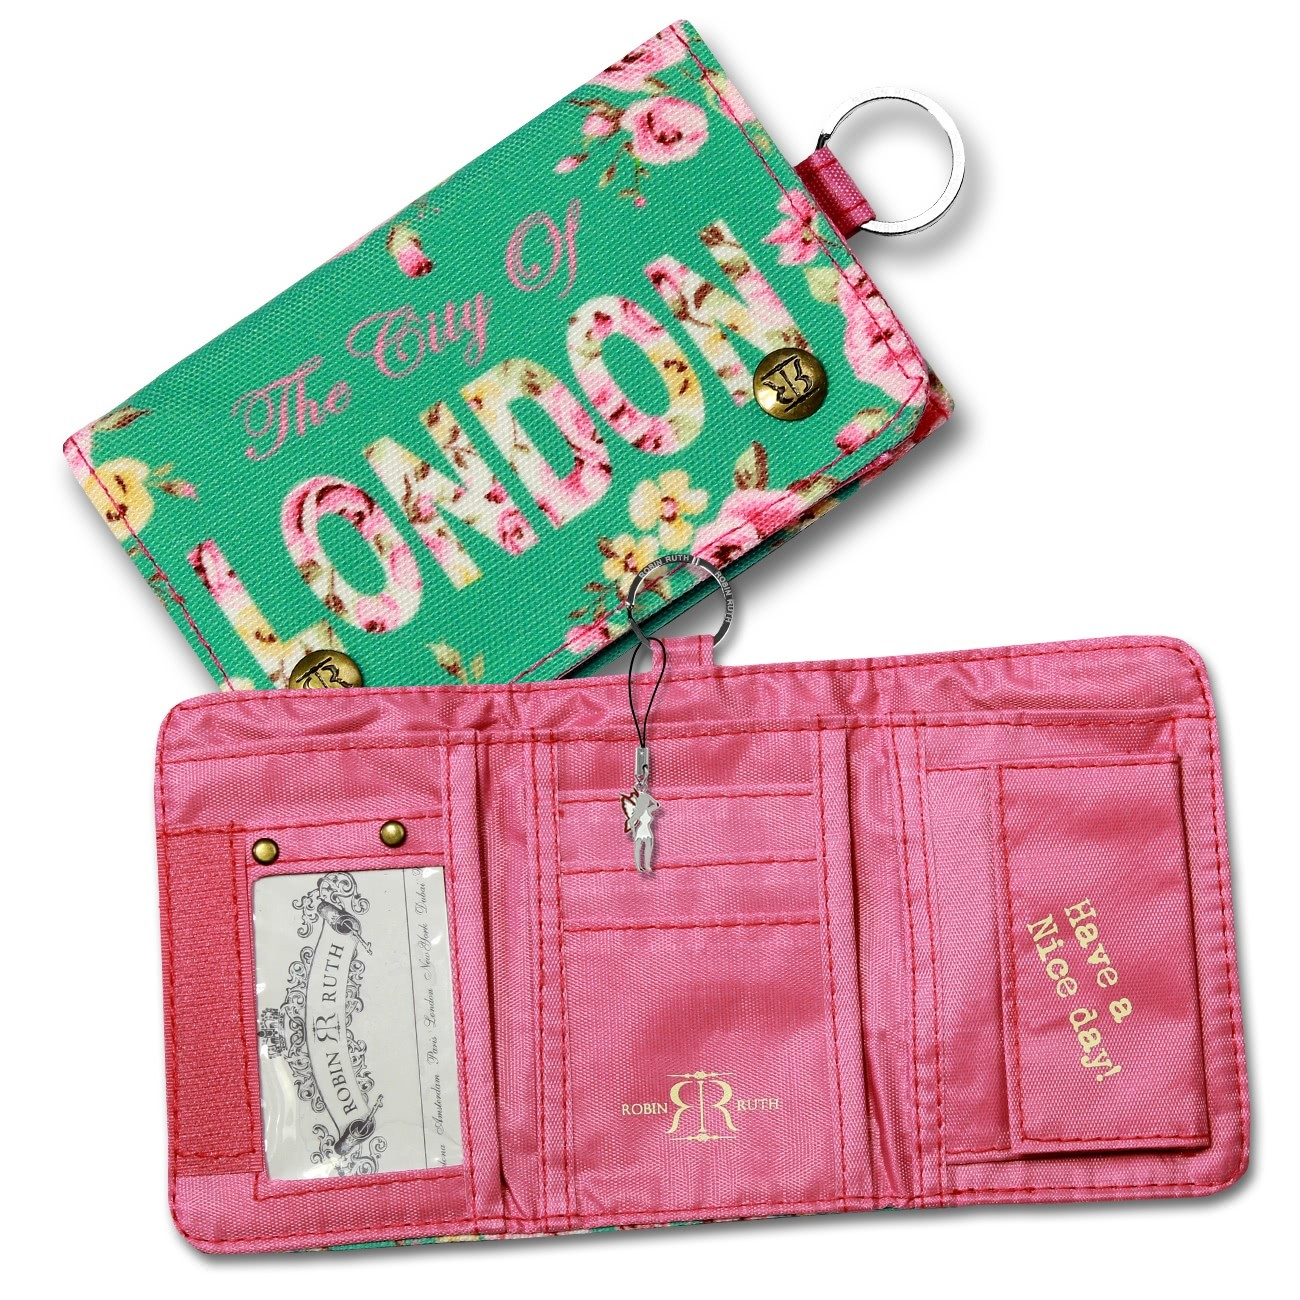 Minibörse Canvas grün pink Damen Portemonnaie Geldbörse Robin Ruth OPG101G